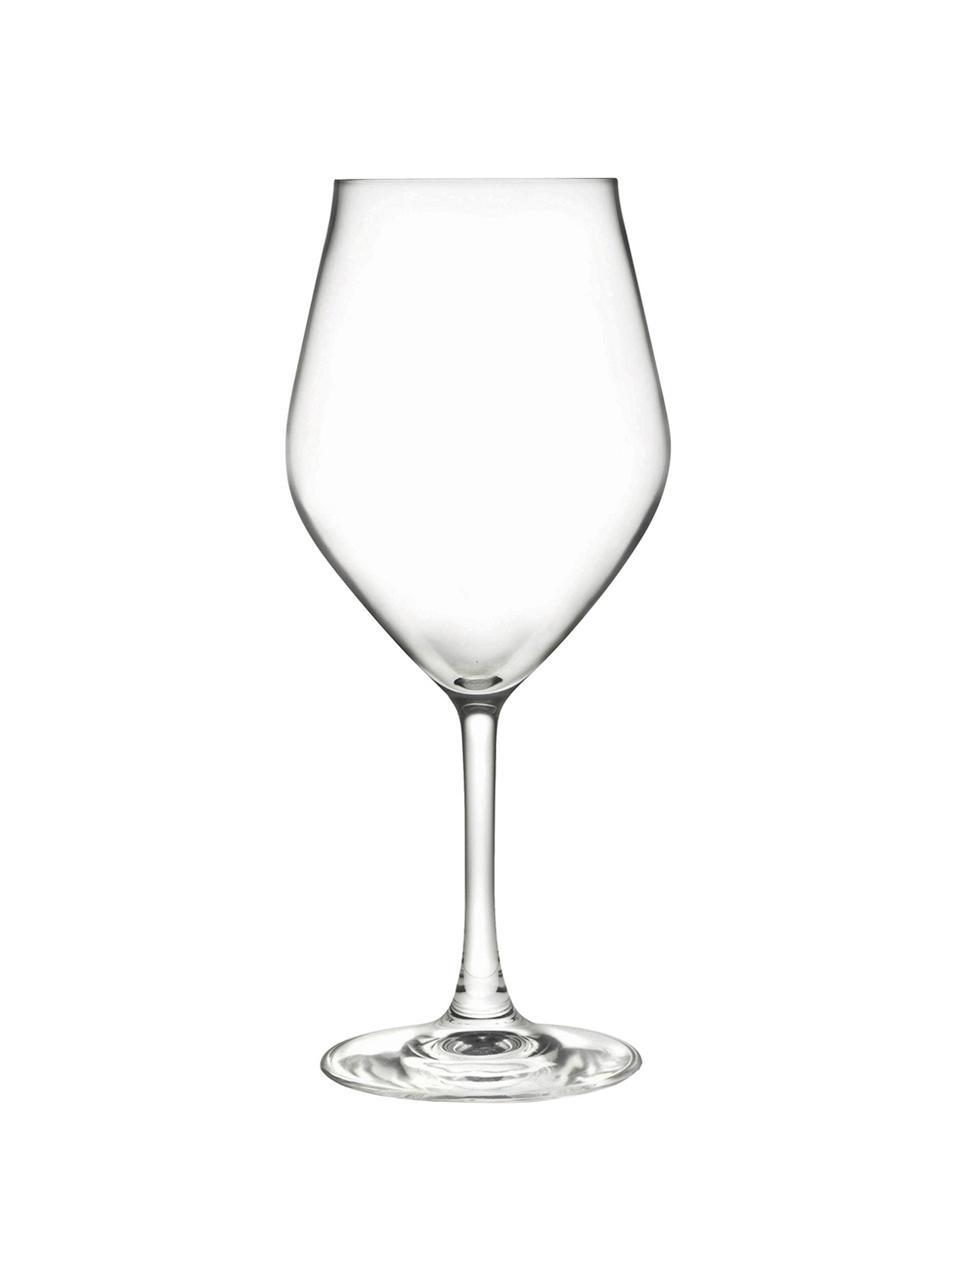 Kristalglazenwijnglazen Eno, 6 stuks, Luxion kristalglas, Transparant, Ø 10 x H 22 cm